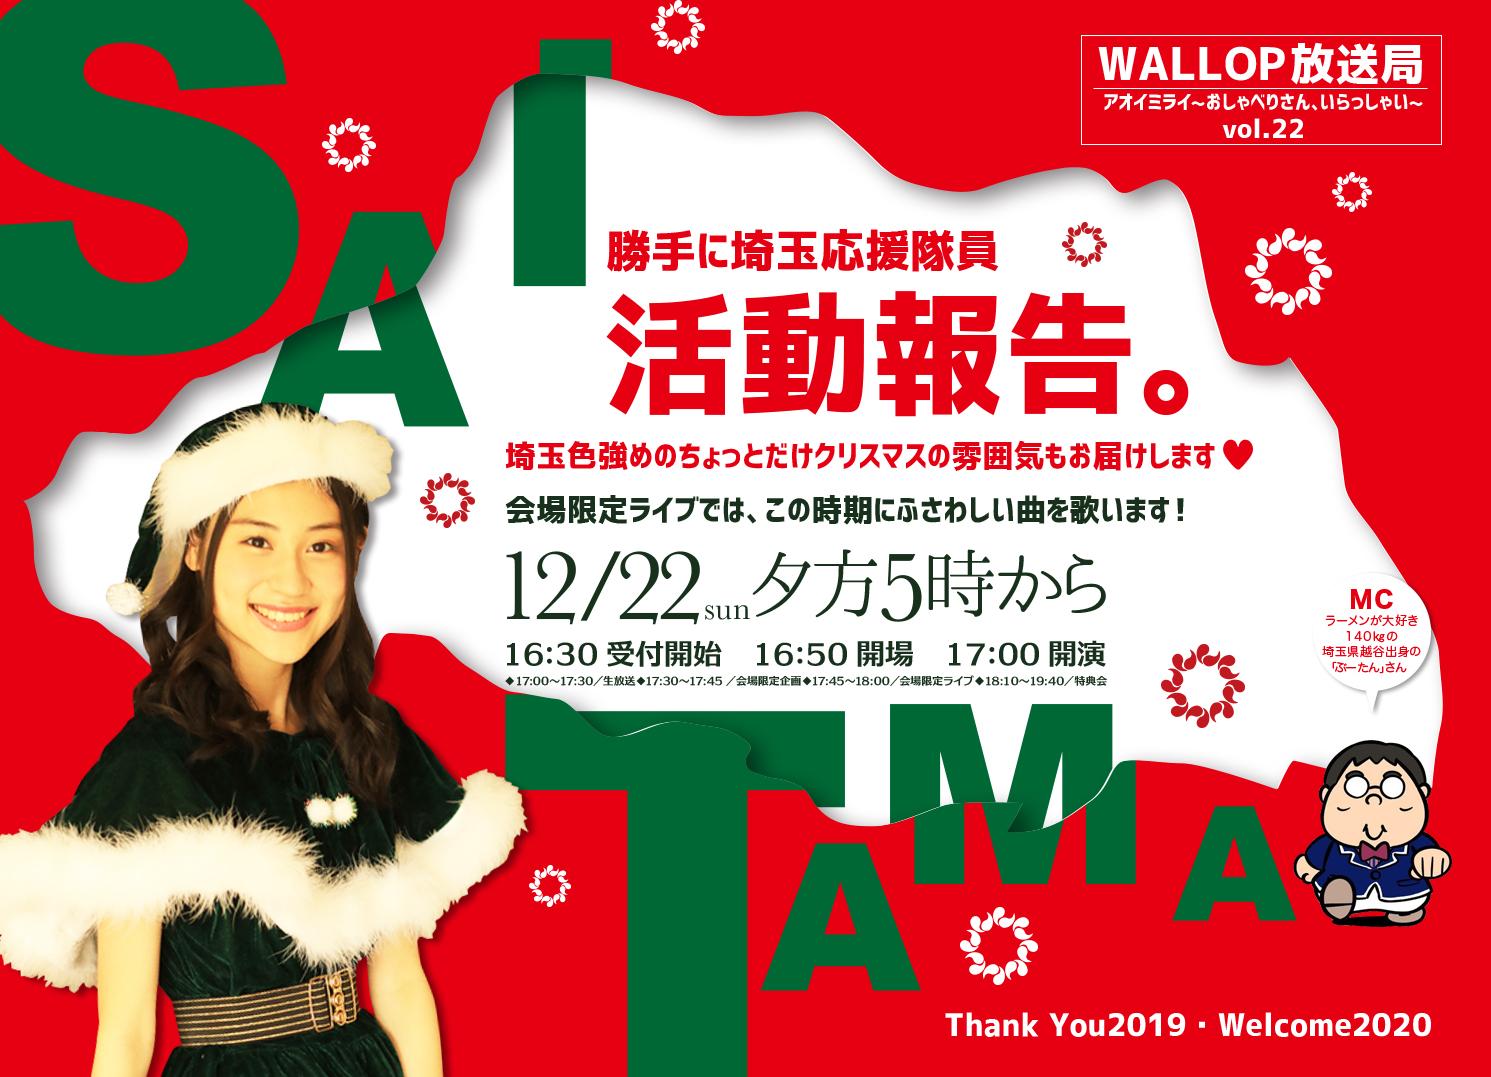 12/22(日)WALLOP「アオイミライ」〜おしゃべりさん、いらっしゃい〜vol.22